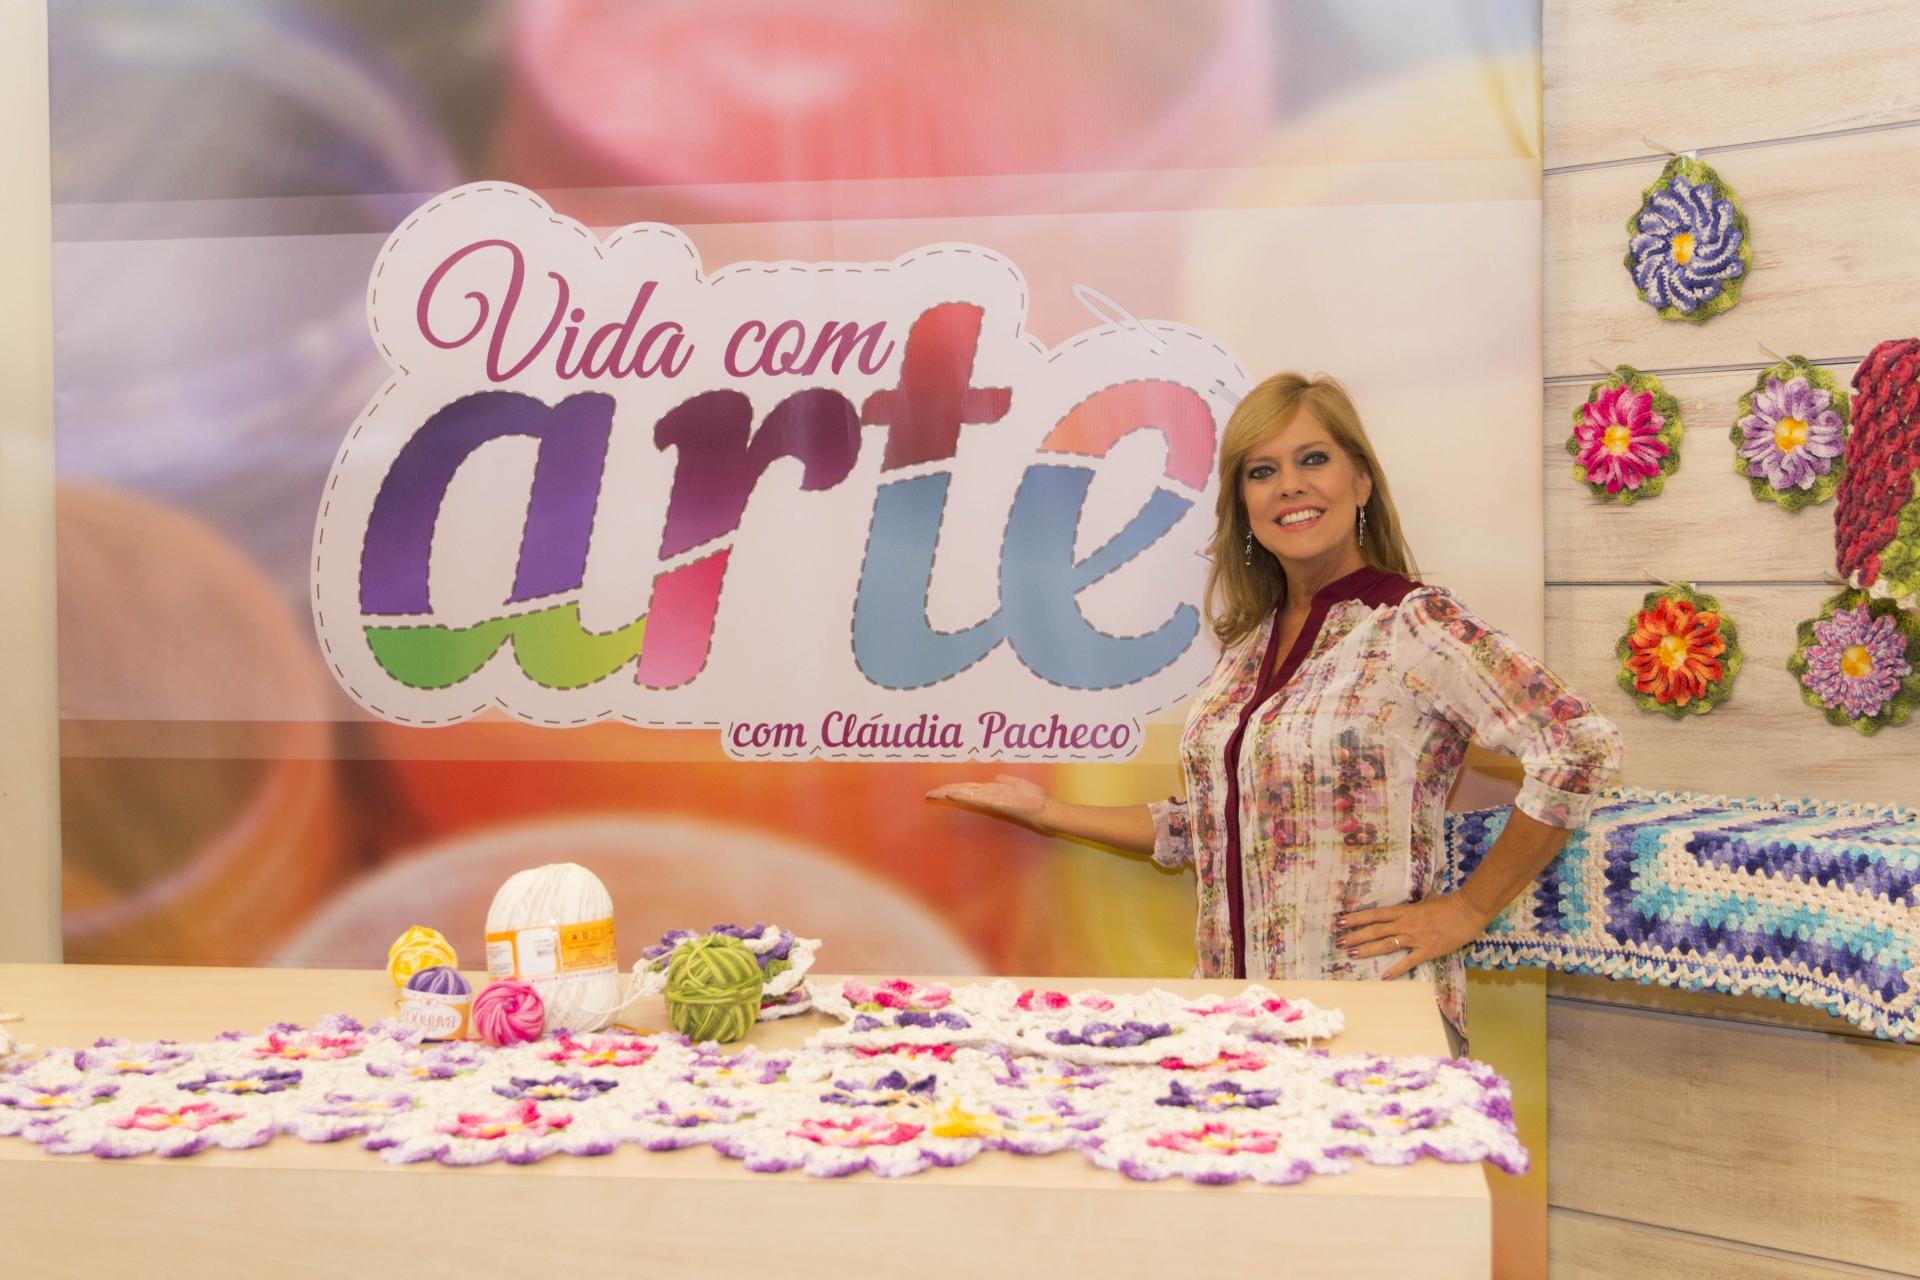 Aparador Ouro Branco Brilhantes ~  u201cVida com Arte u201d comemora 3 anos na TV Aparecida Portal 4 O site de todas as emissoras